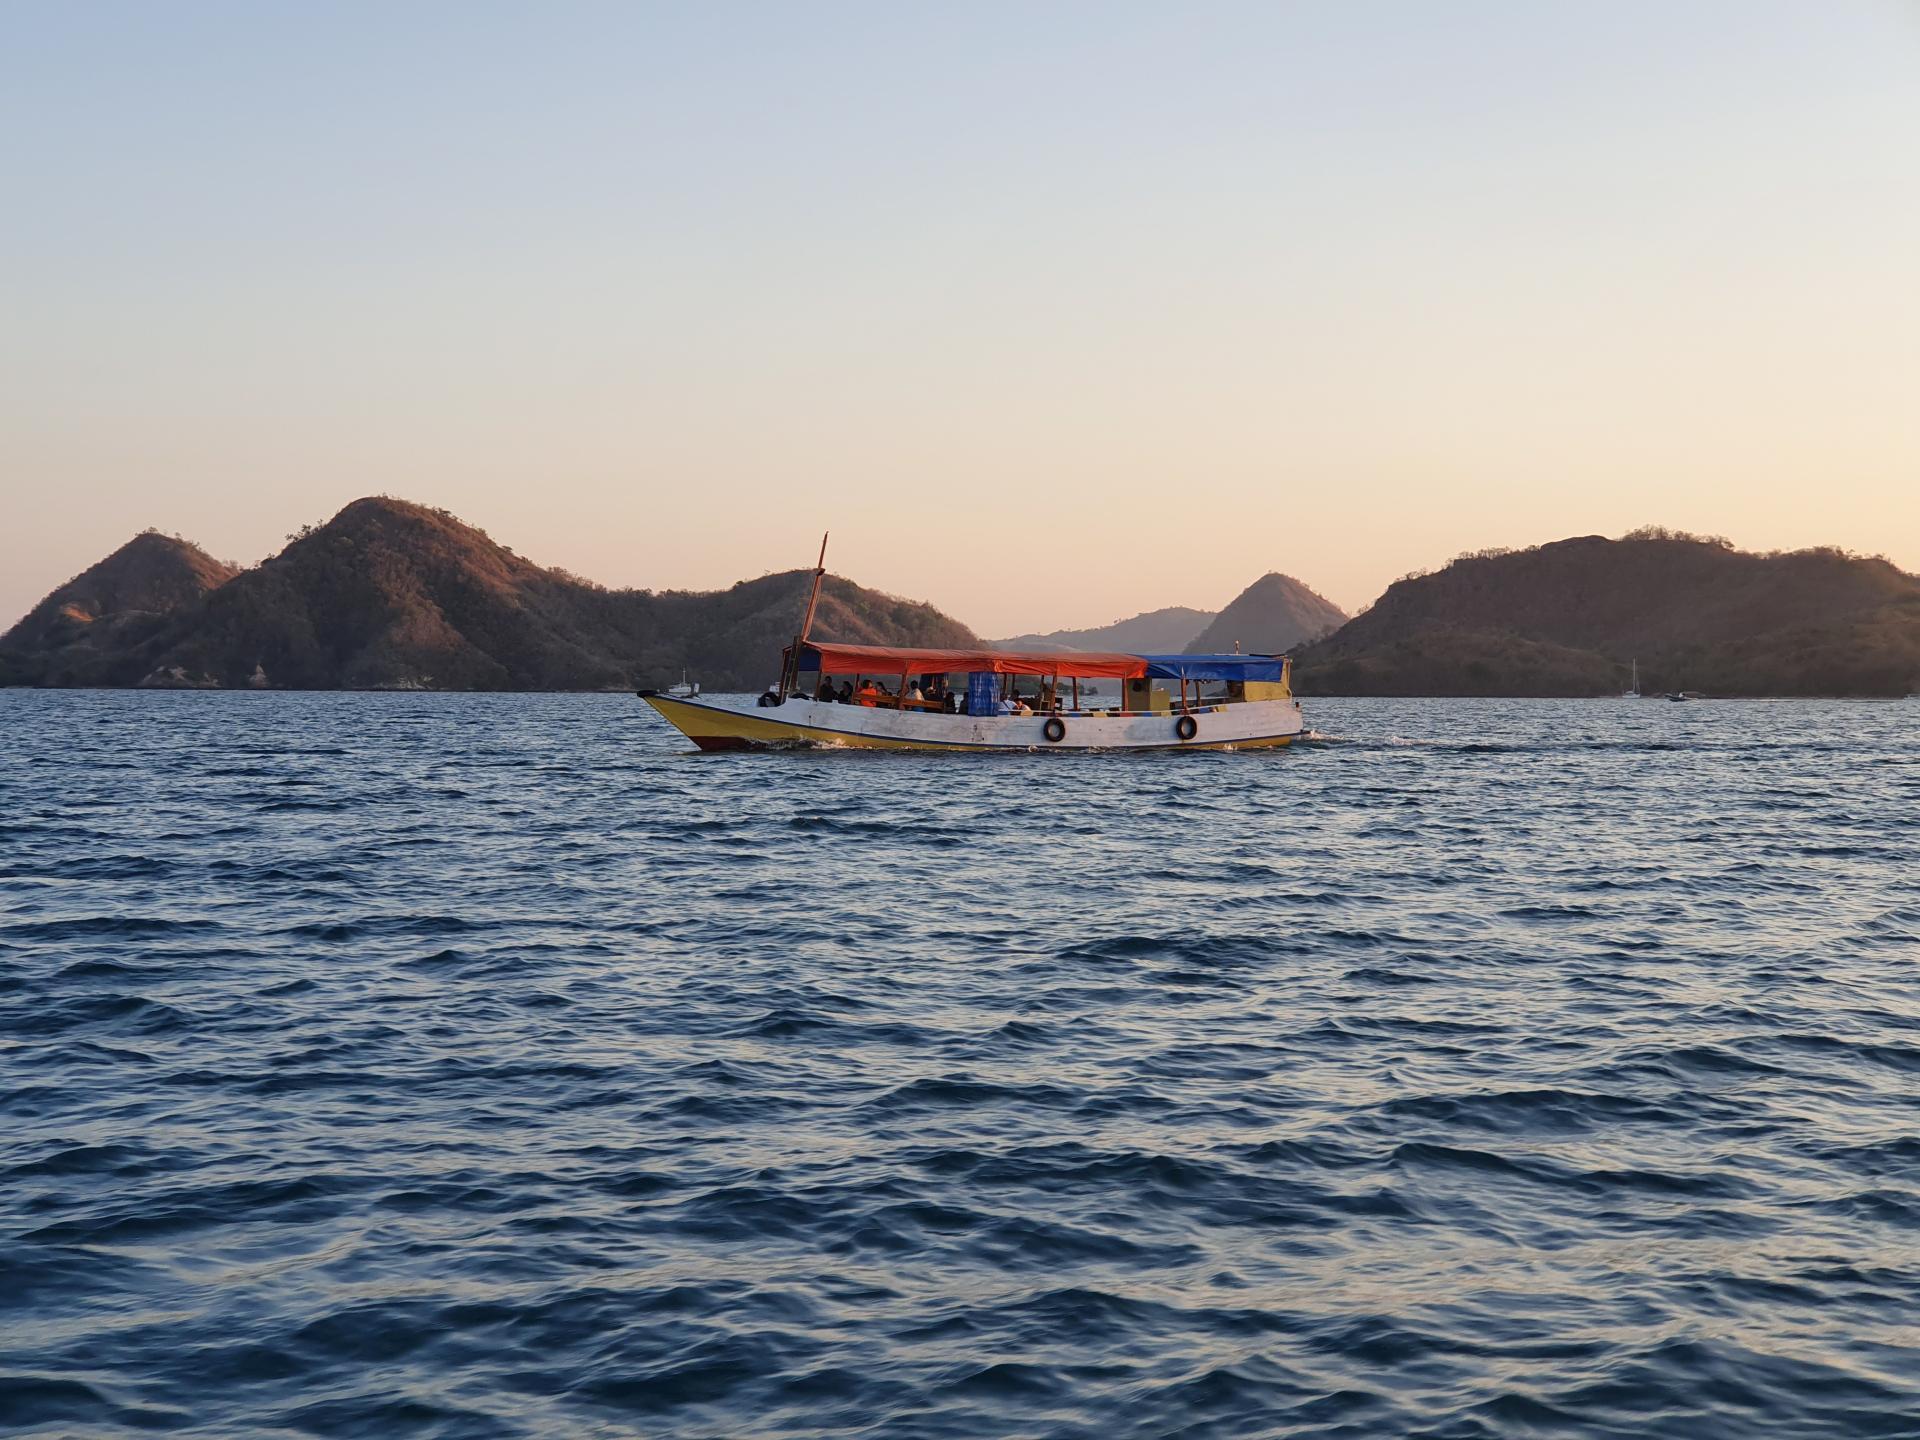 индонезийская лодка для перемещения между островами